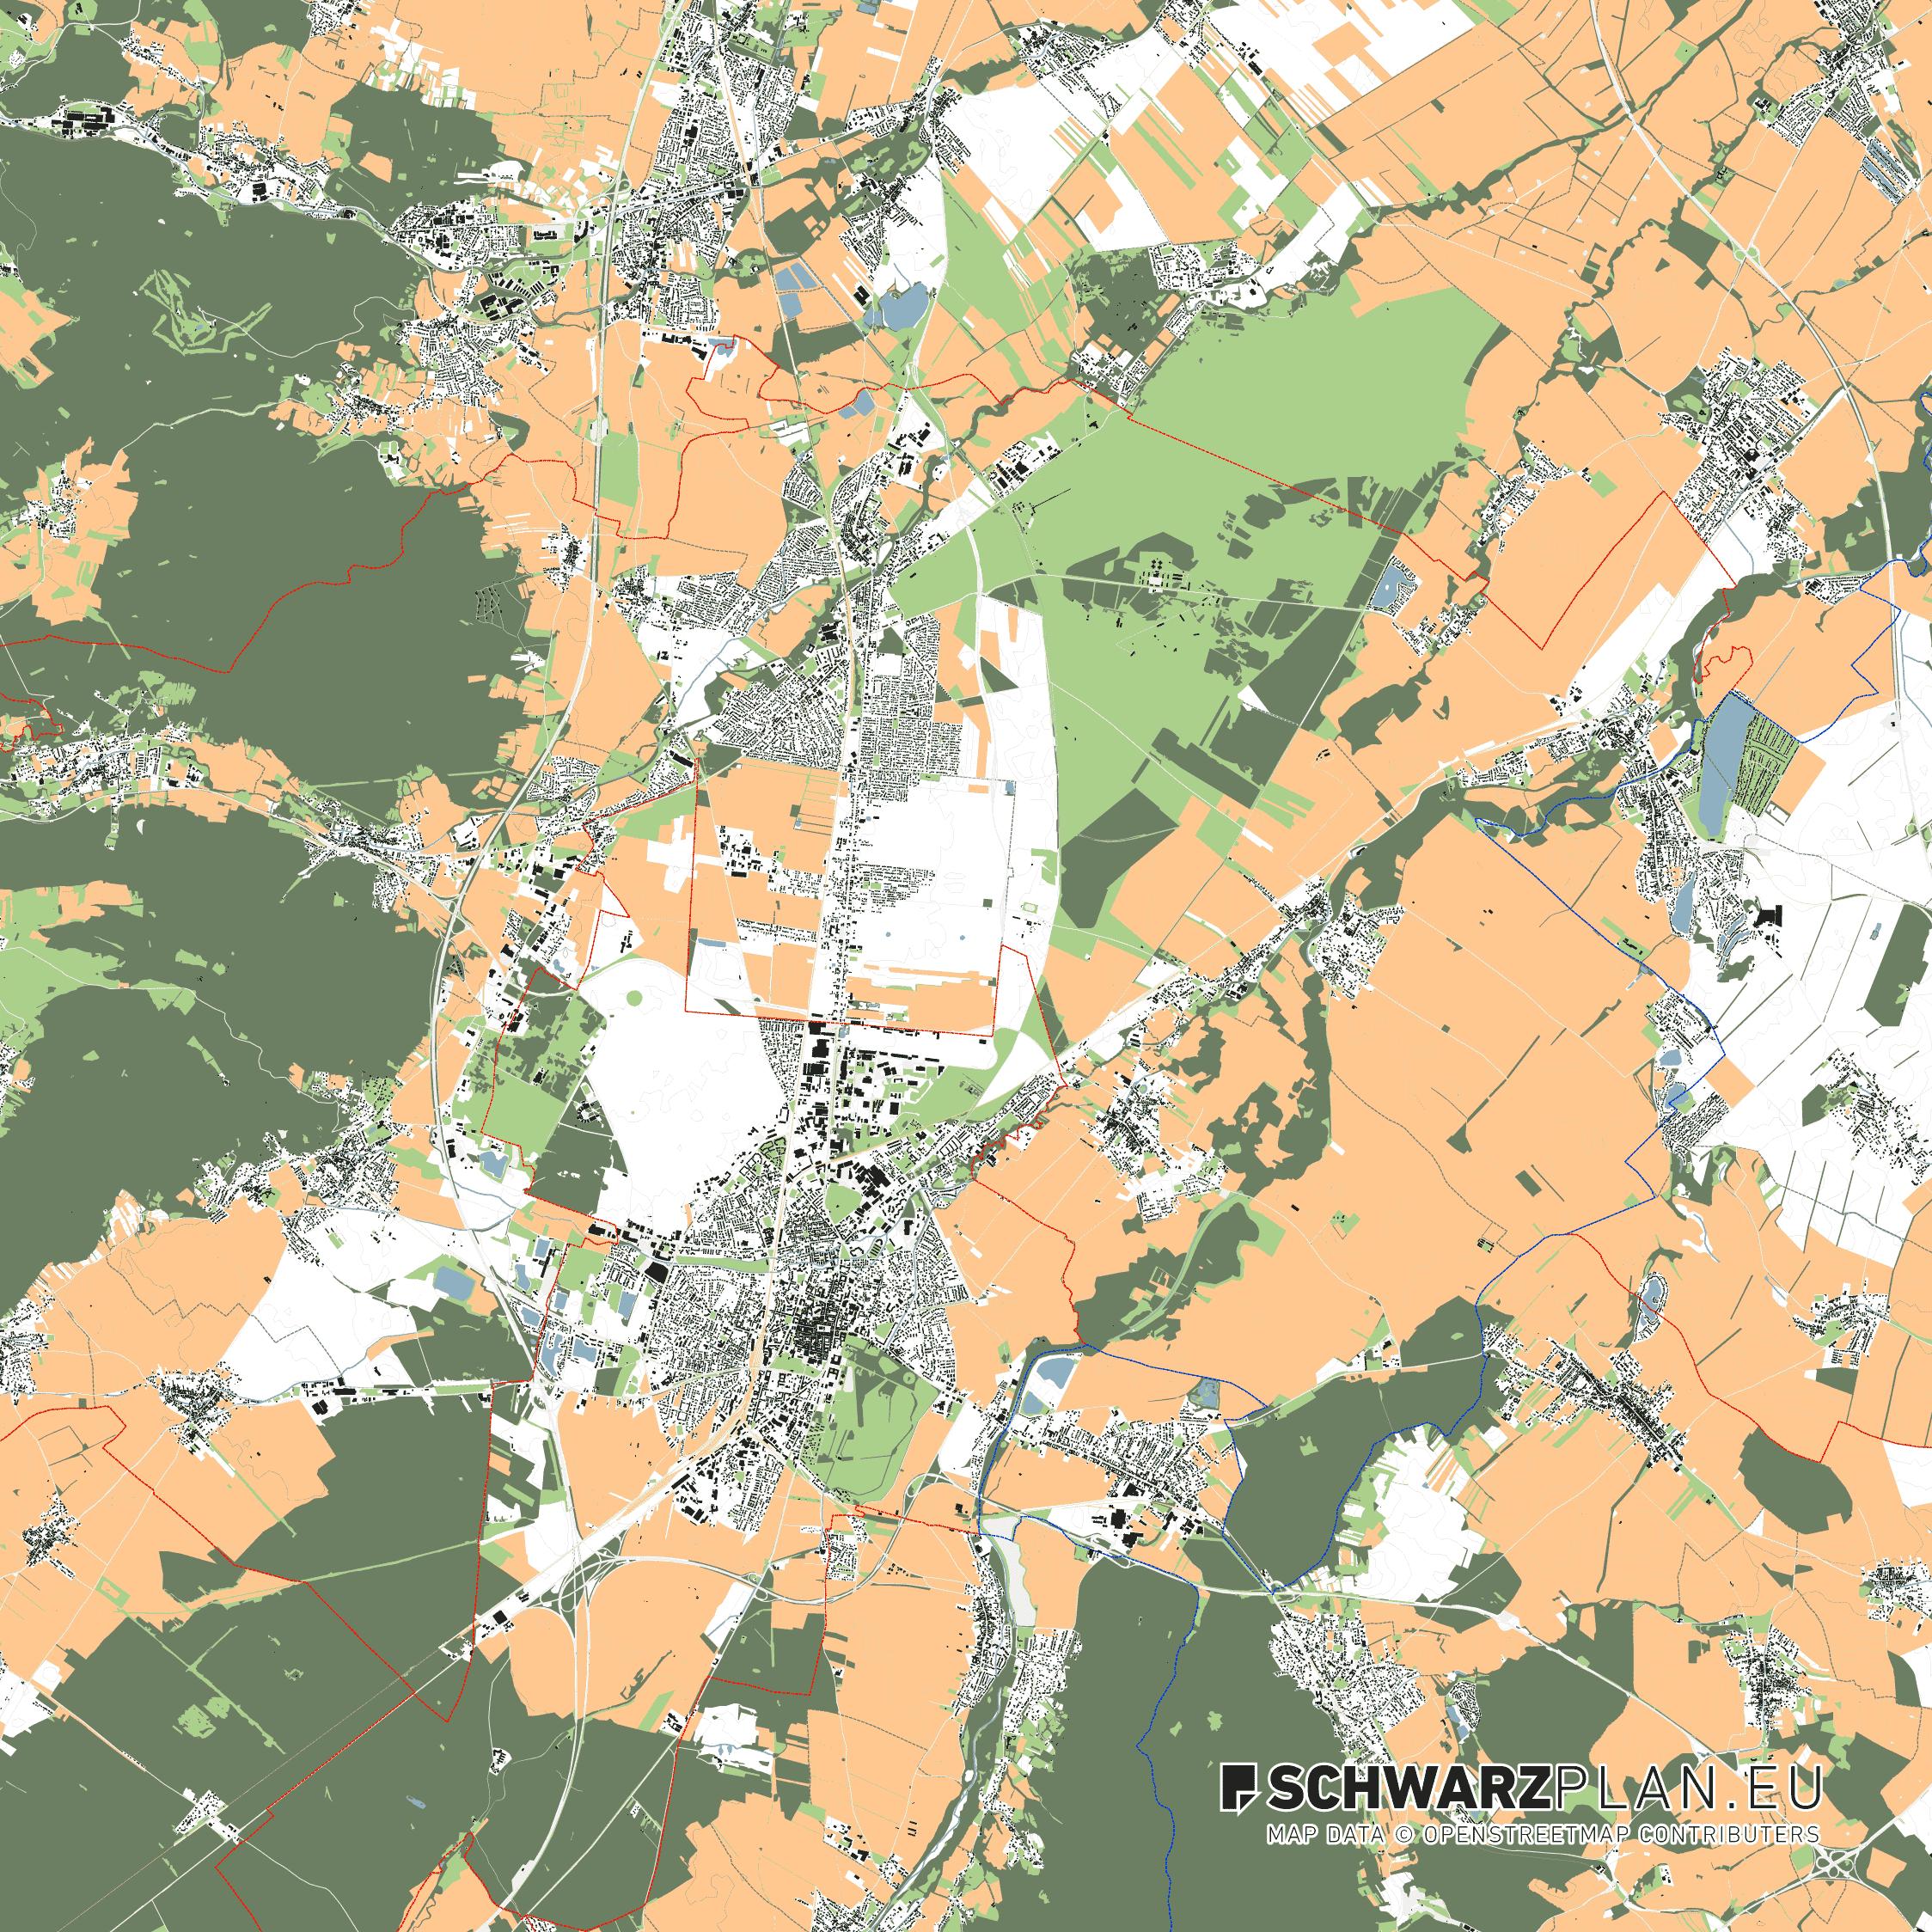 Lageplan von Eisenstadt & Wiener Neustadt in Österreich